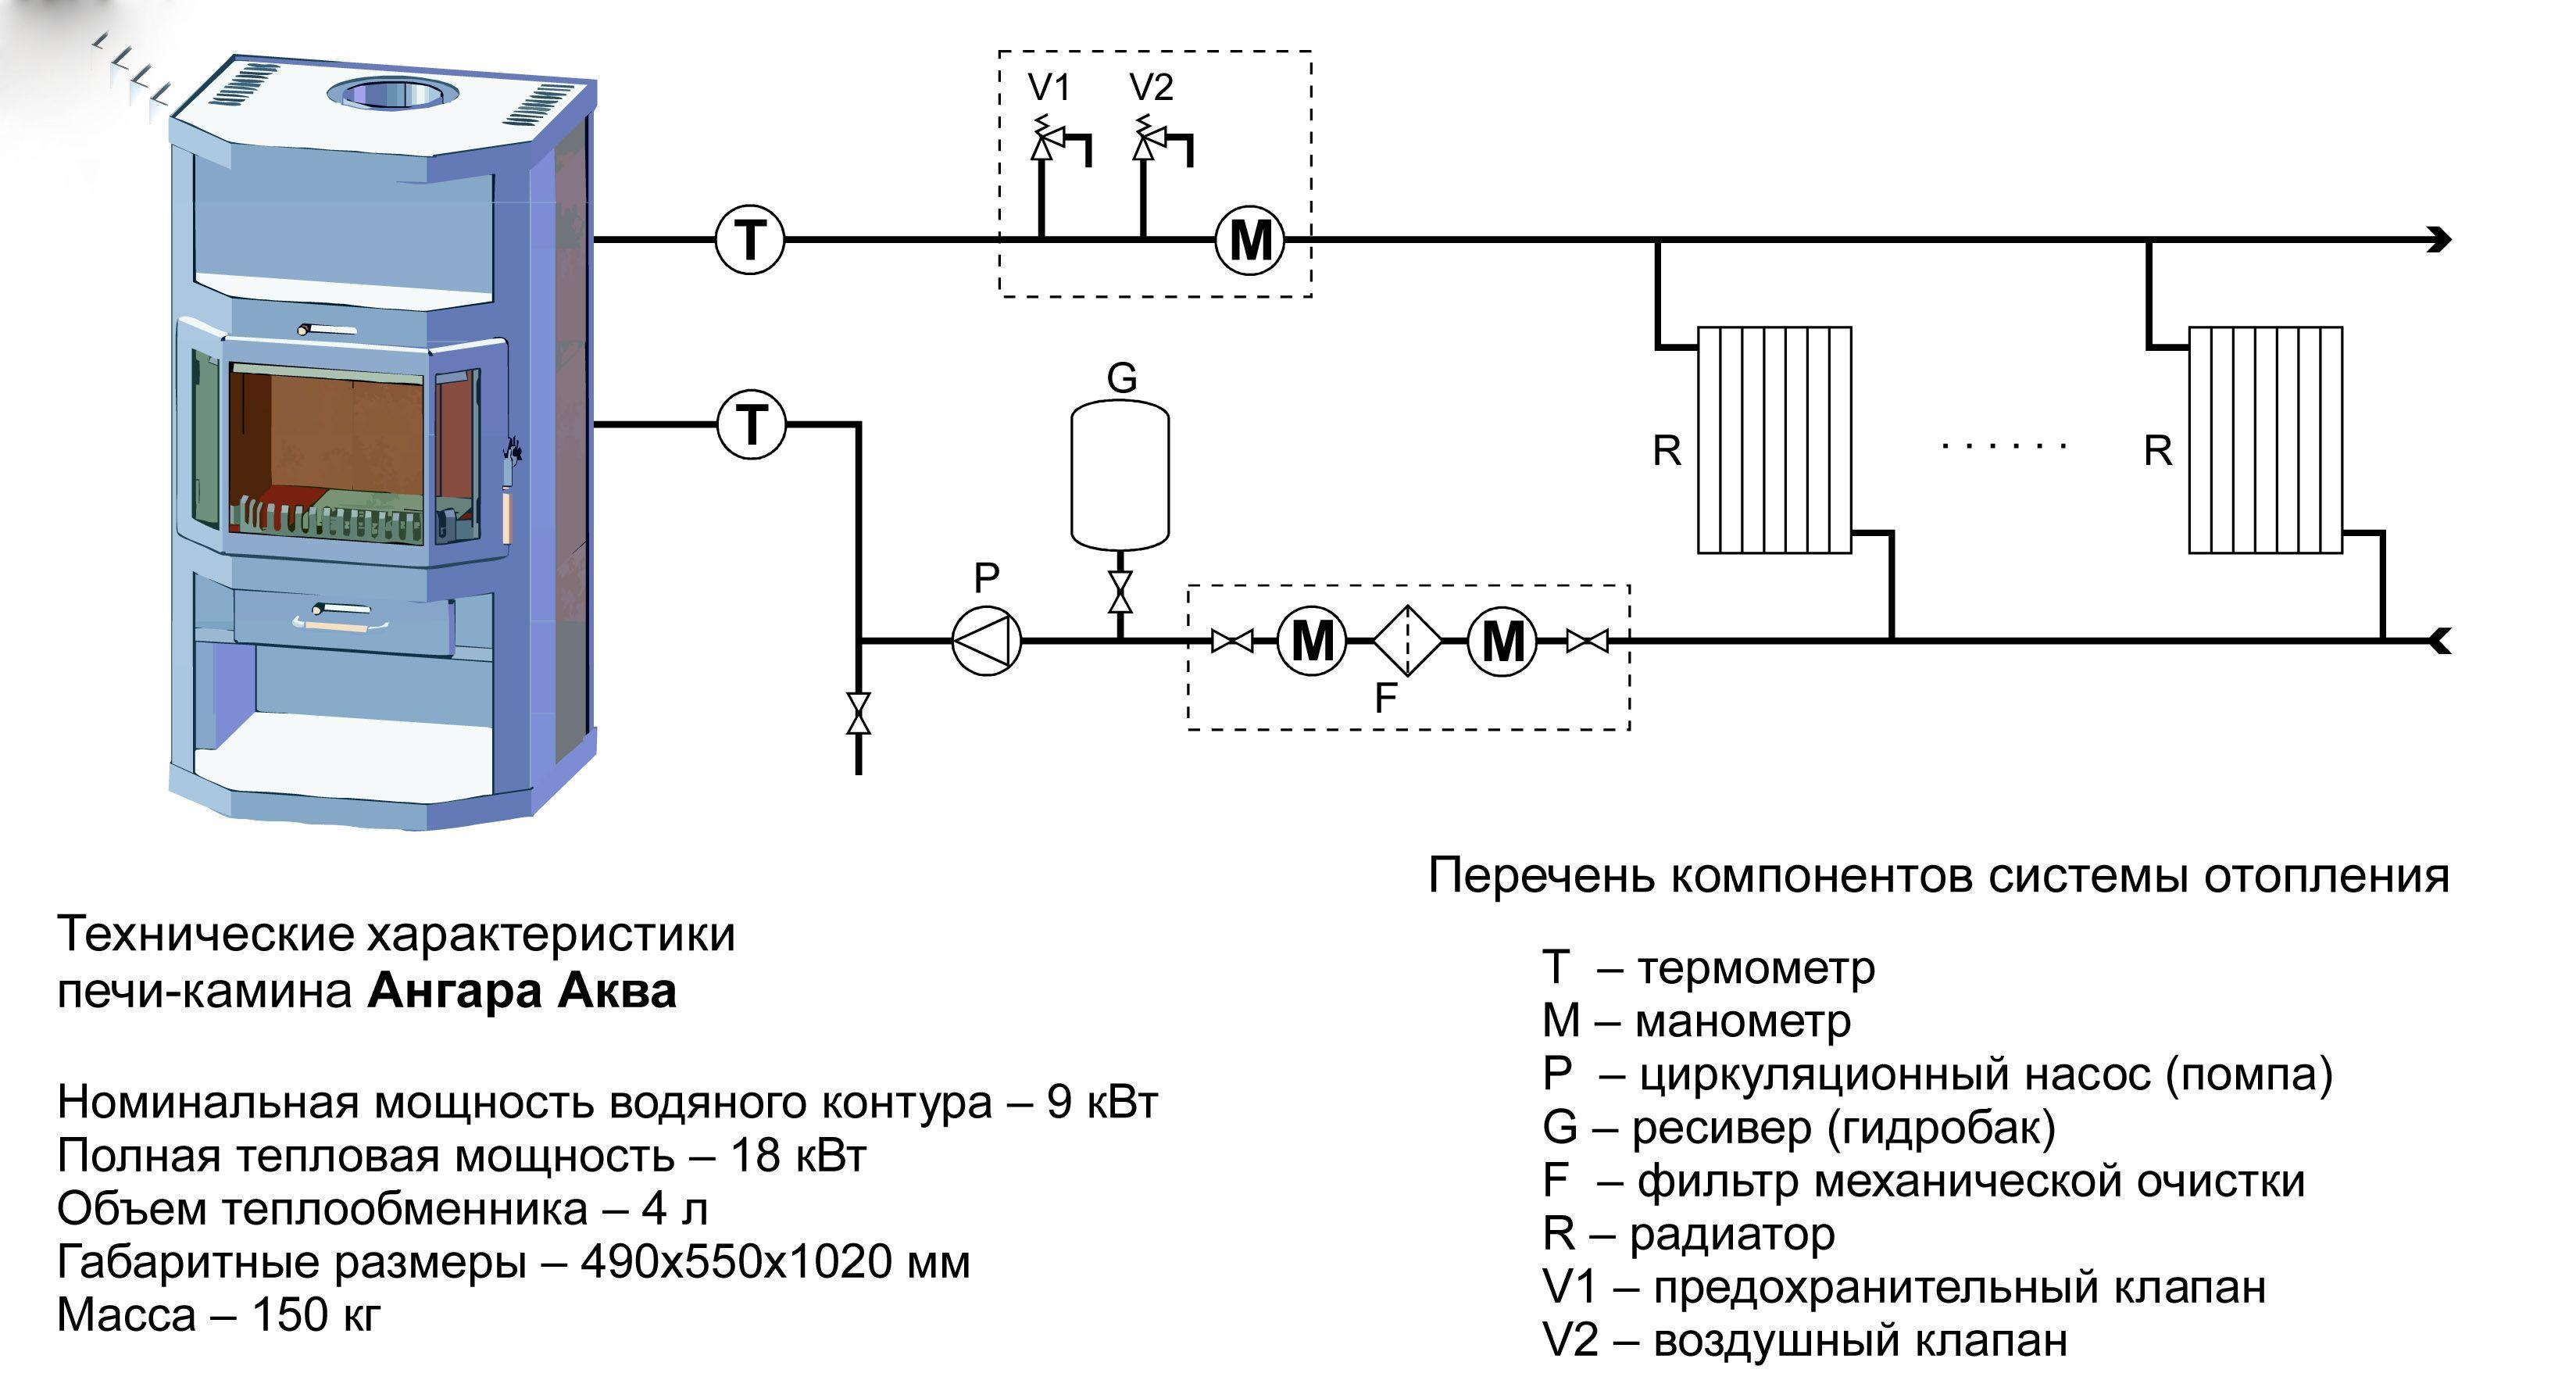 Схема и технические характеристики печи-камина с водяным контуром отопления